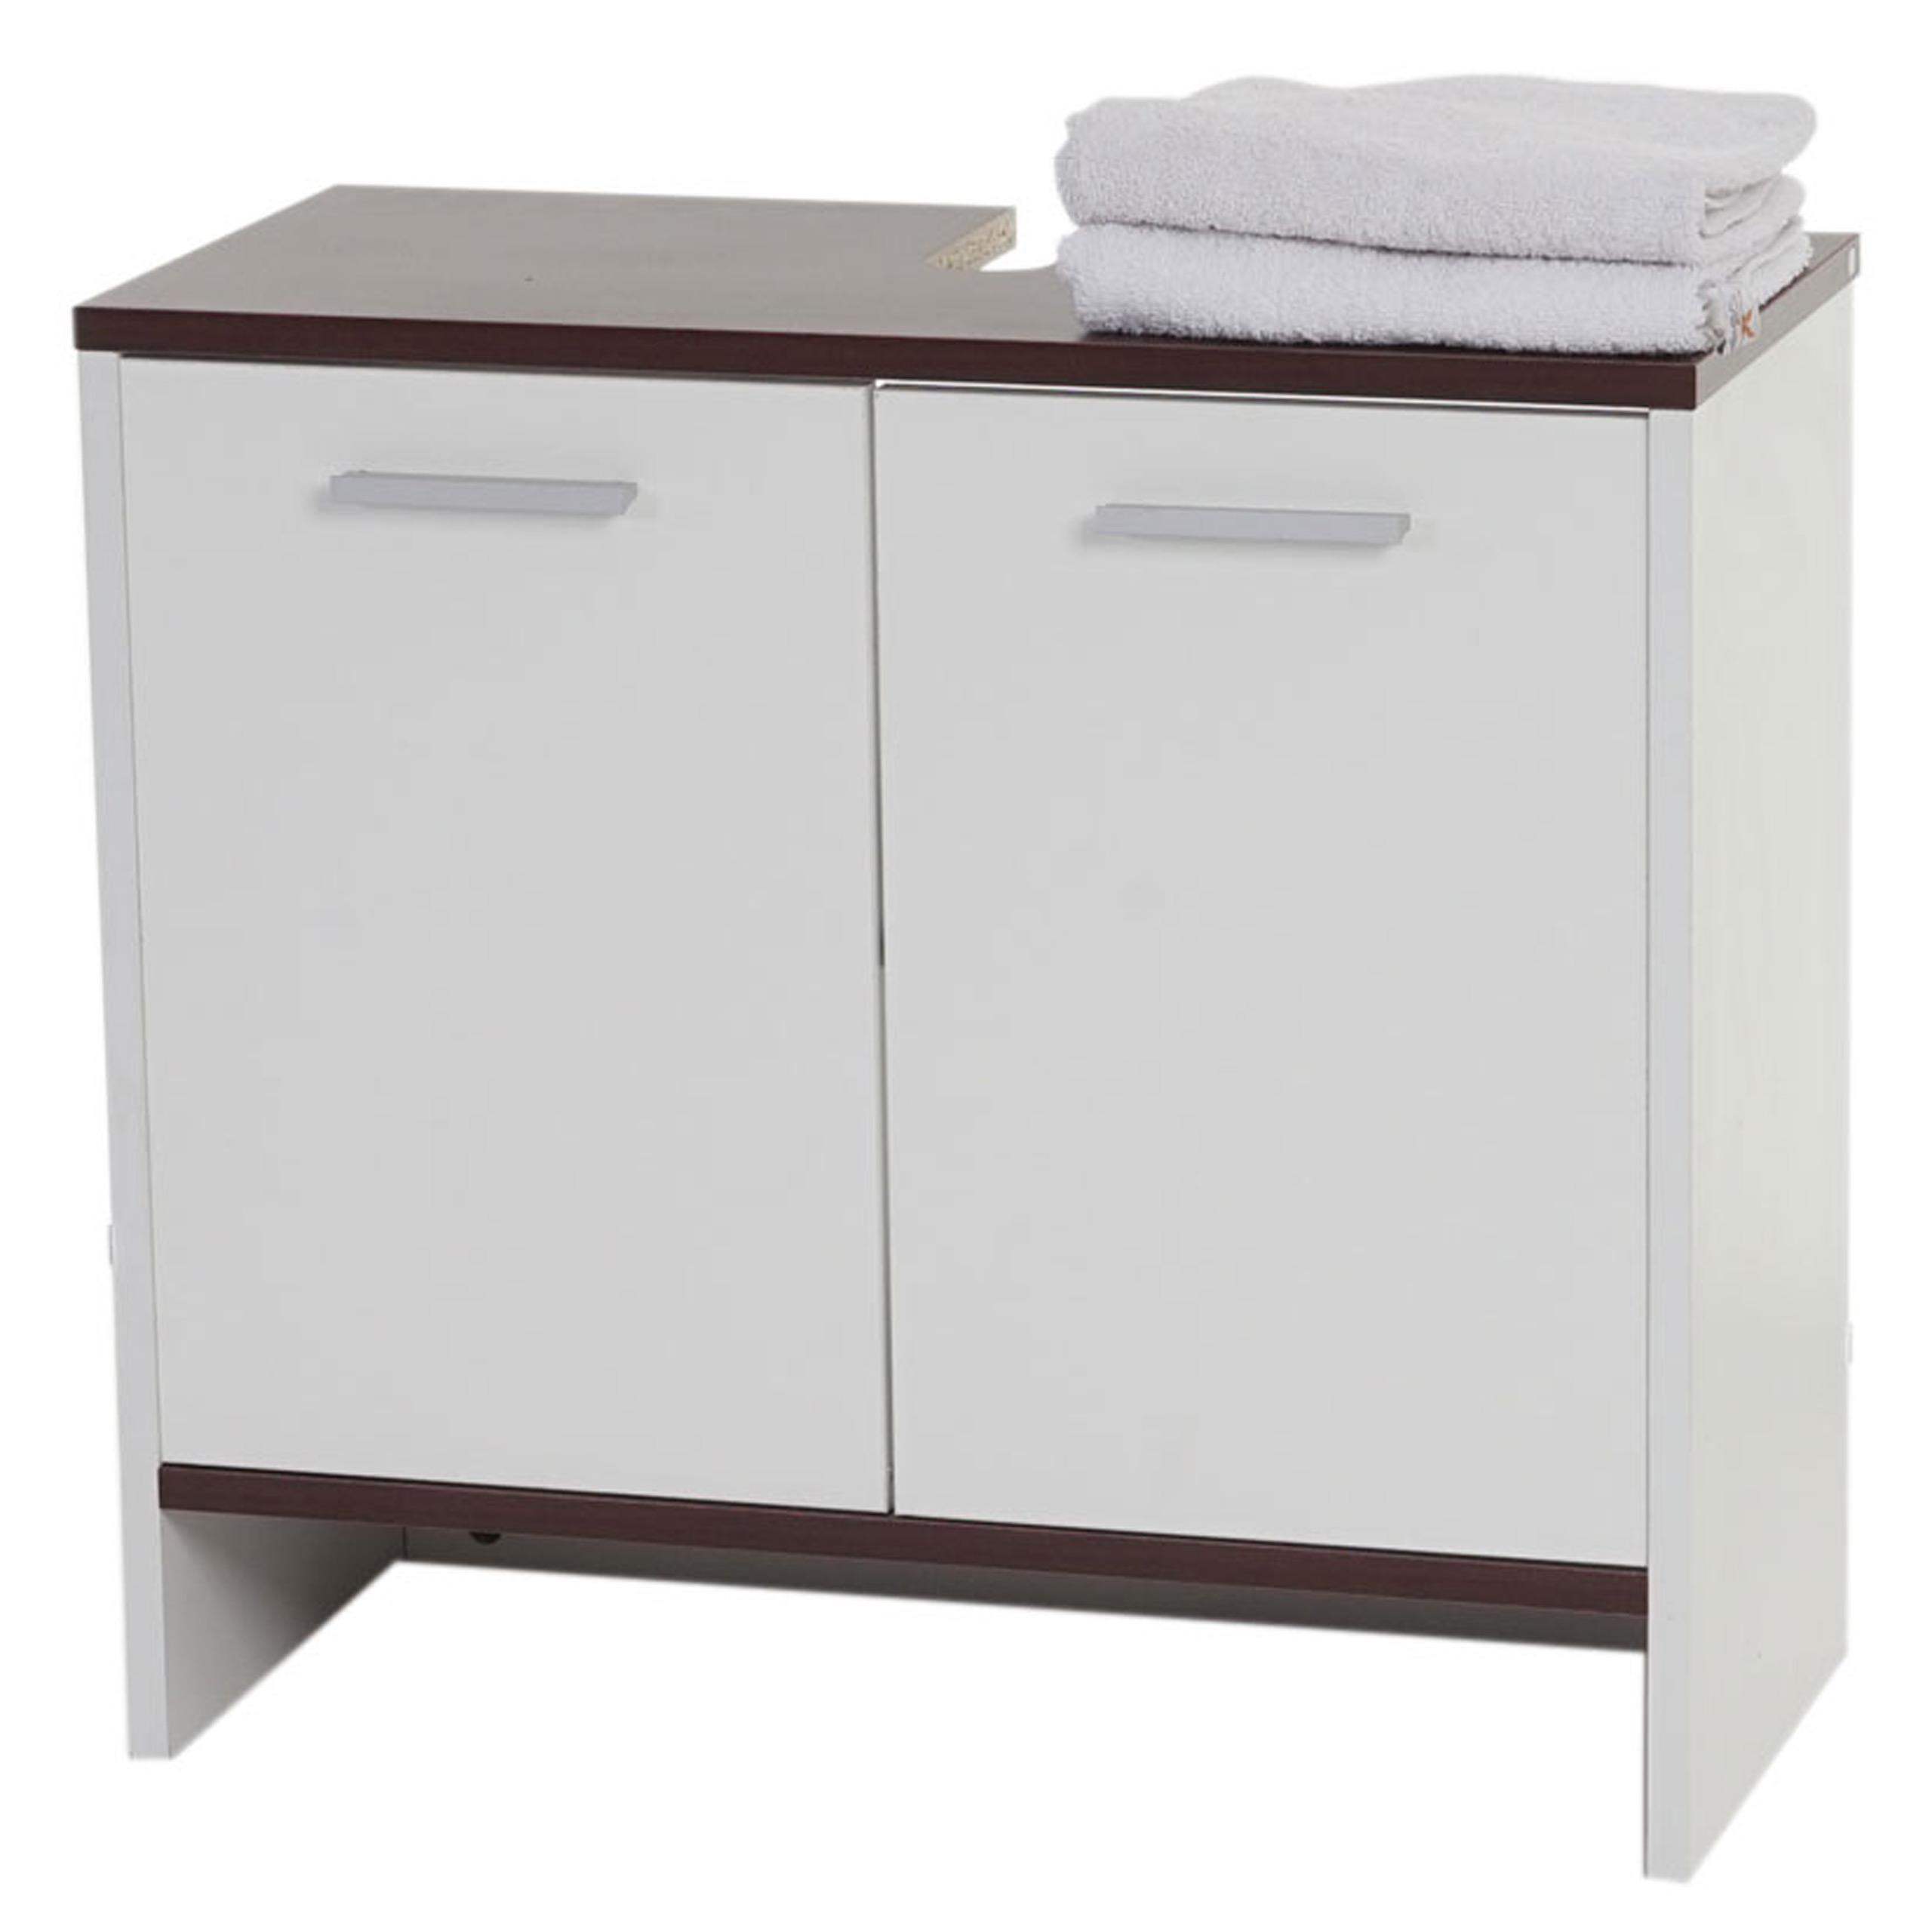 Arredo bagno serie arezzo sottolavabo 56x60x28cm legno - Arredo bagno arezzo ...